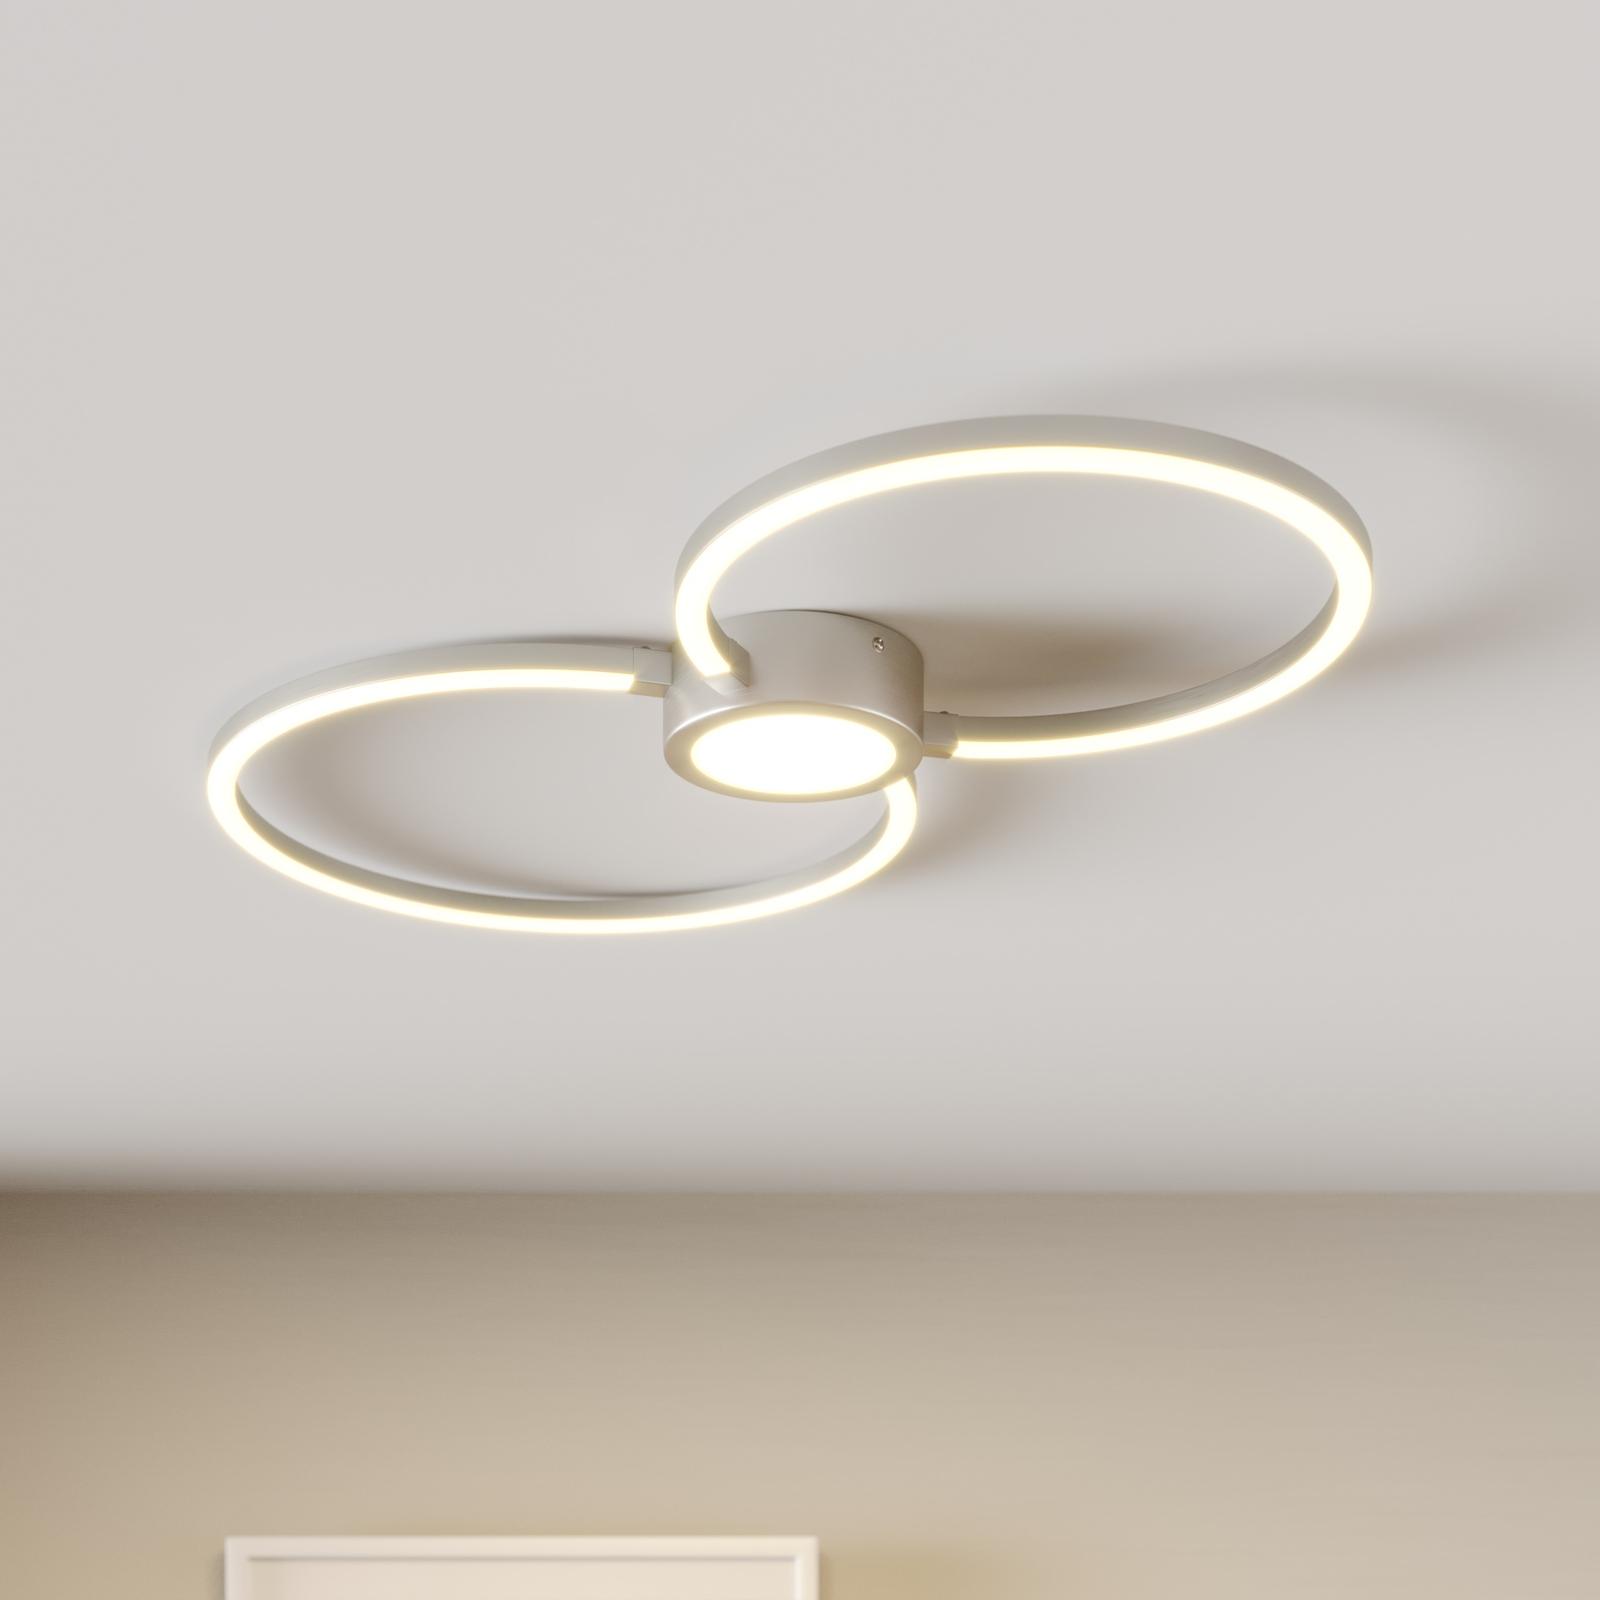 LED-taklampe Duetto, sirkler